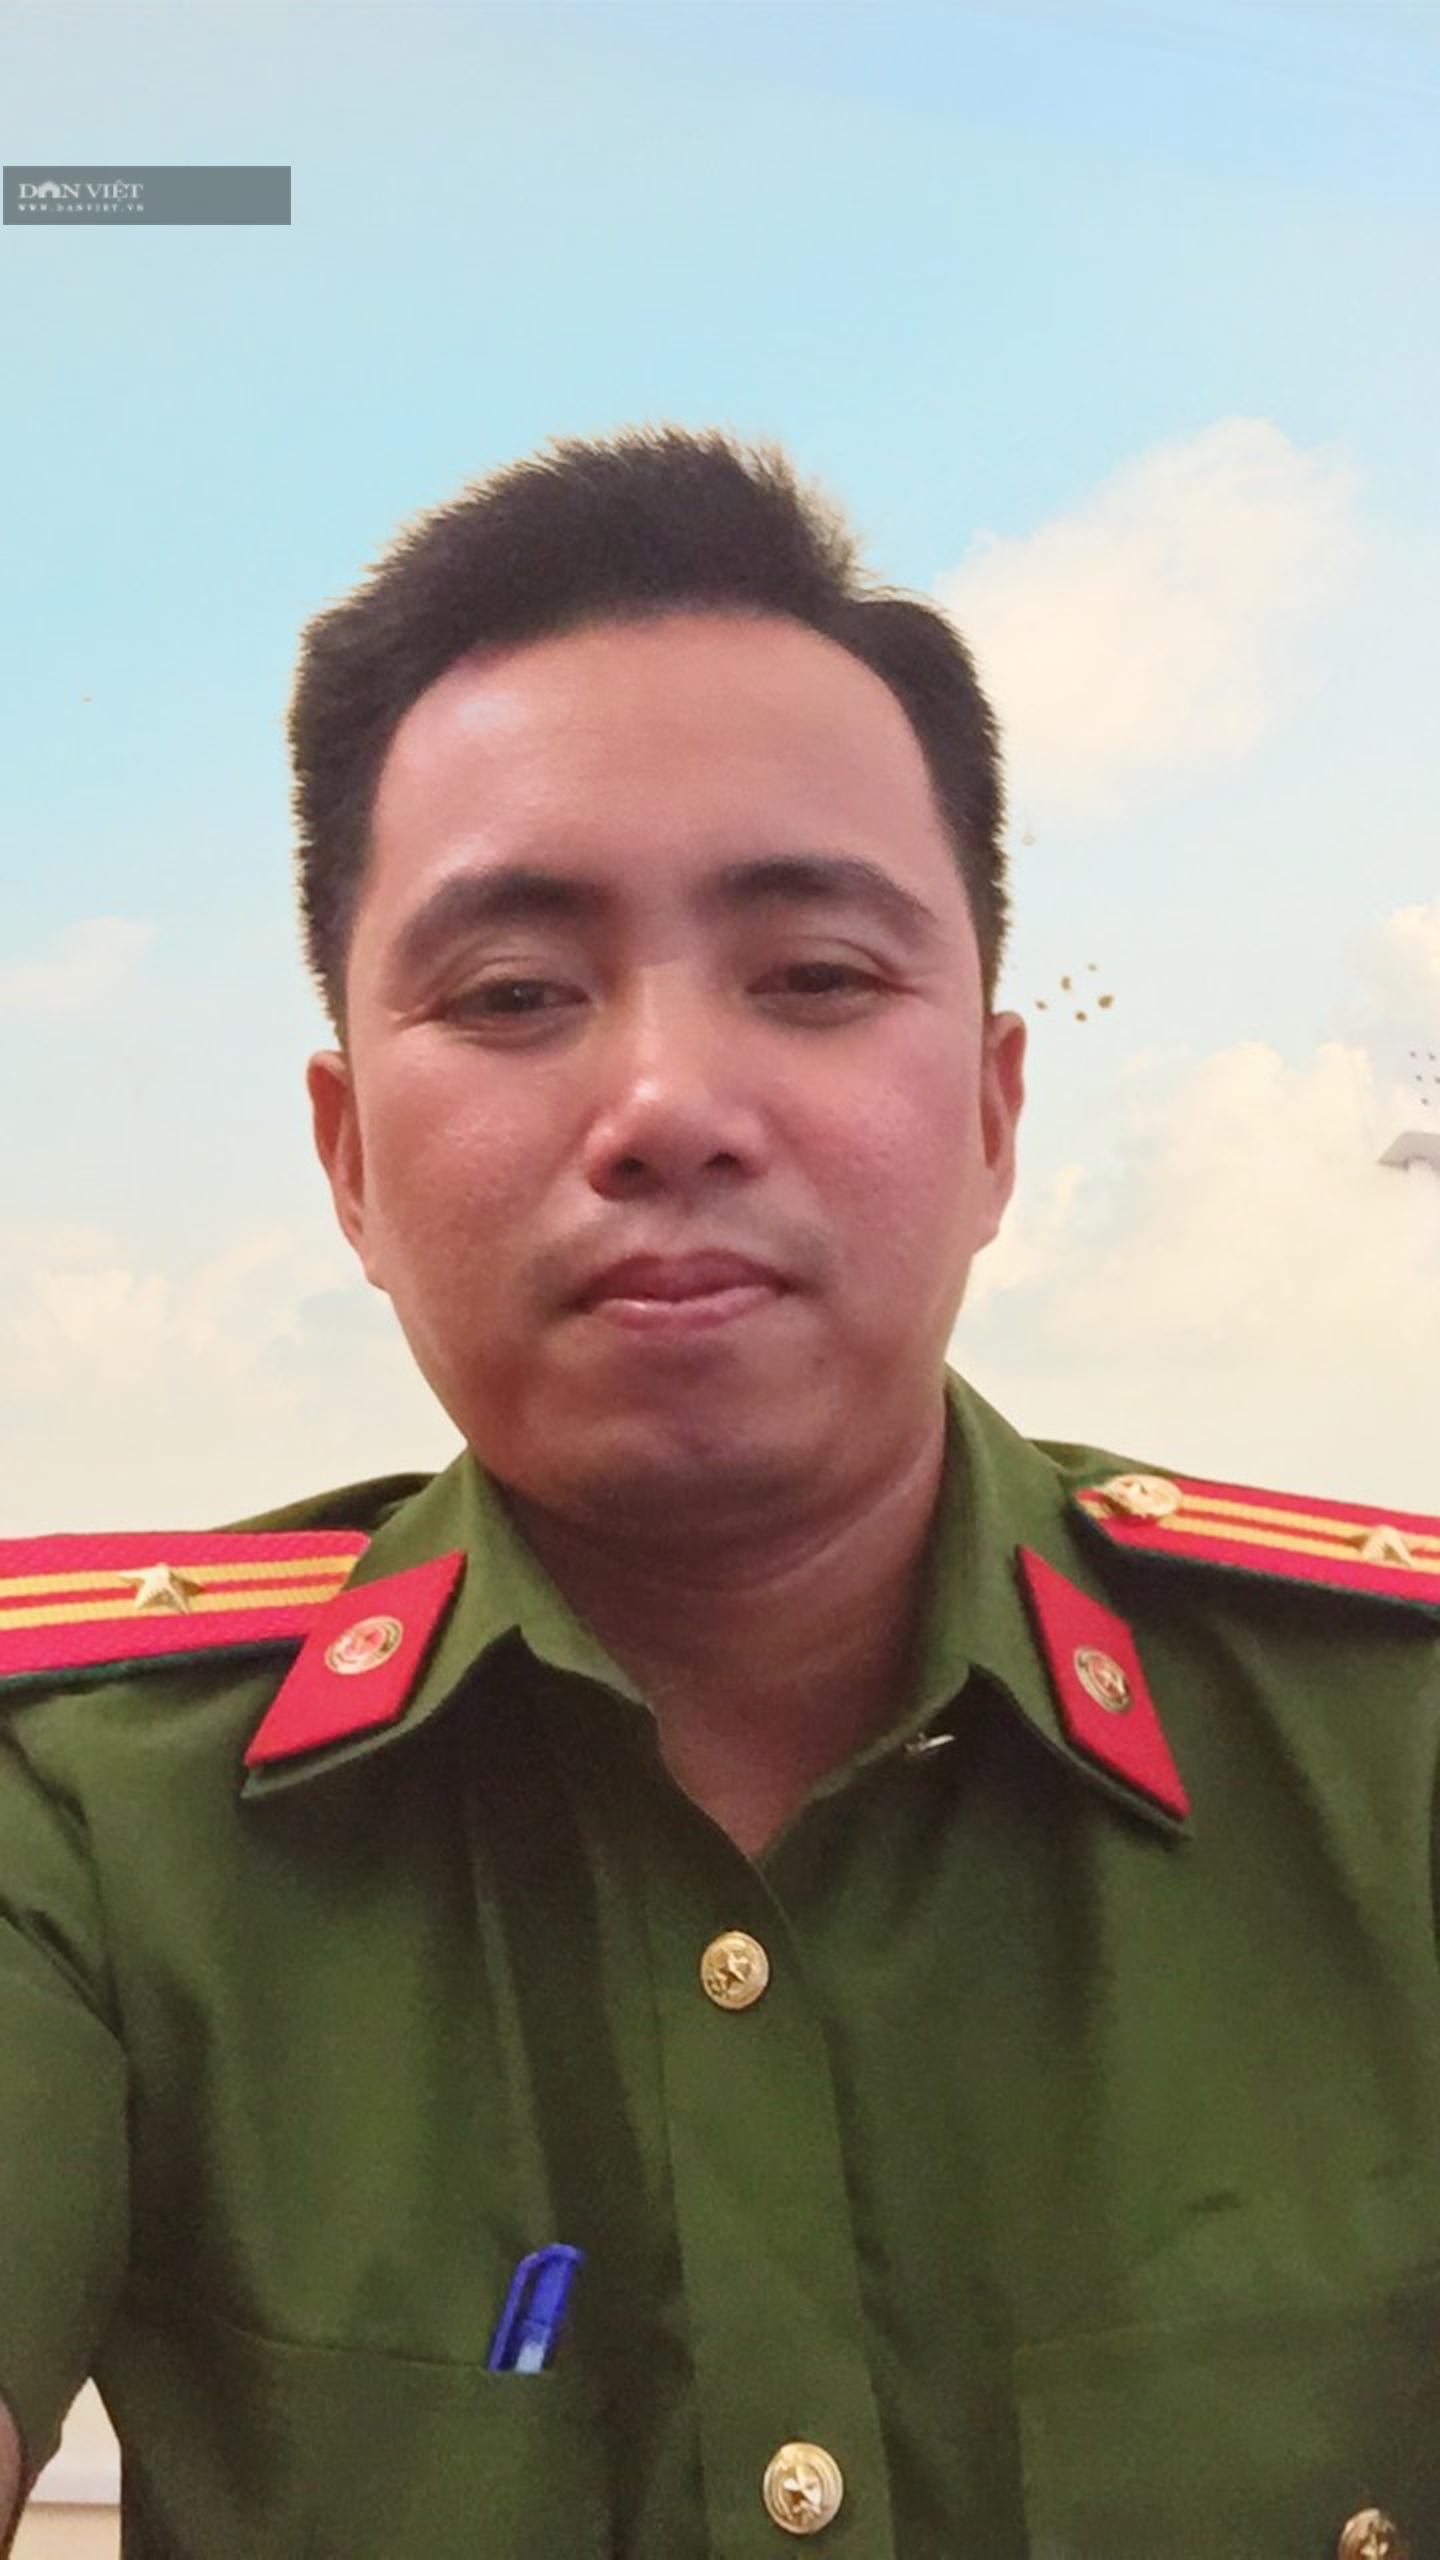 Vụ tố cáo sai phạm tại CA Đồ Sơn: Những cơ quan nào có thể khen thưởng cựu thiếu tá công an? - Ảnh 1.